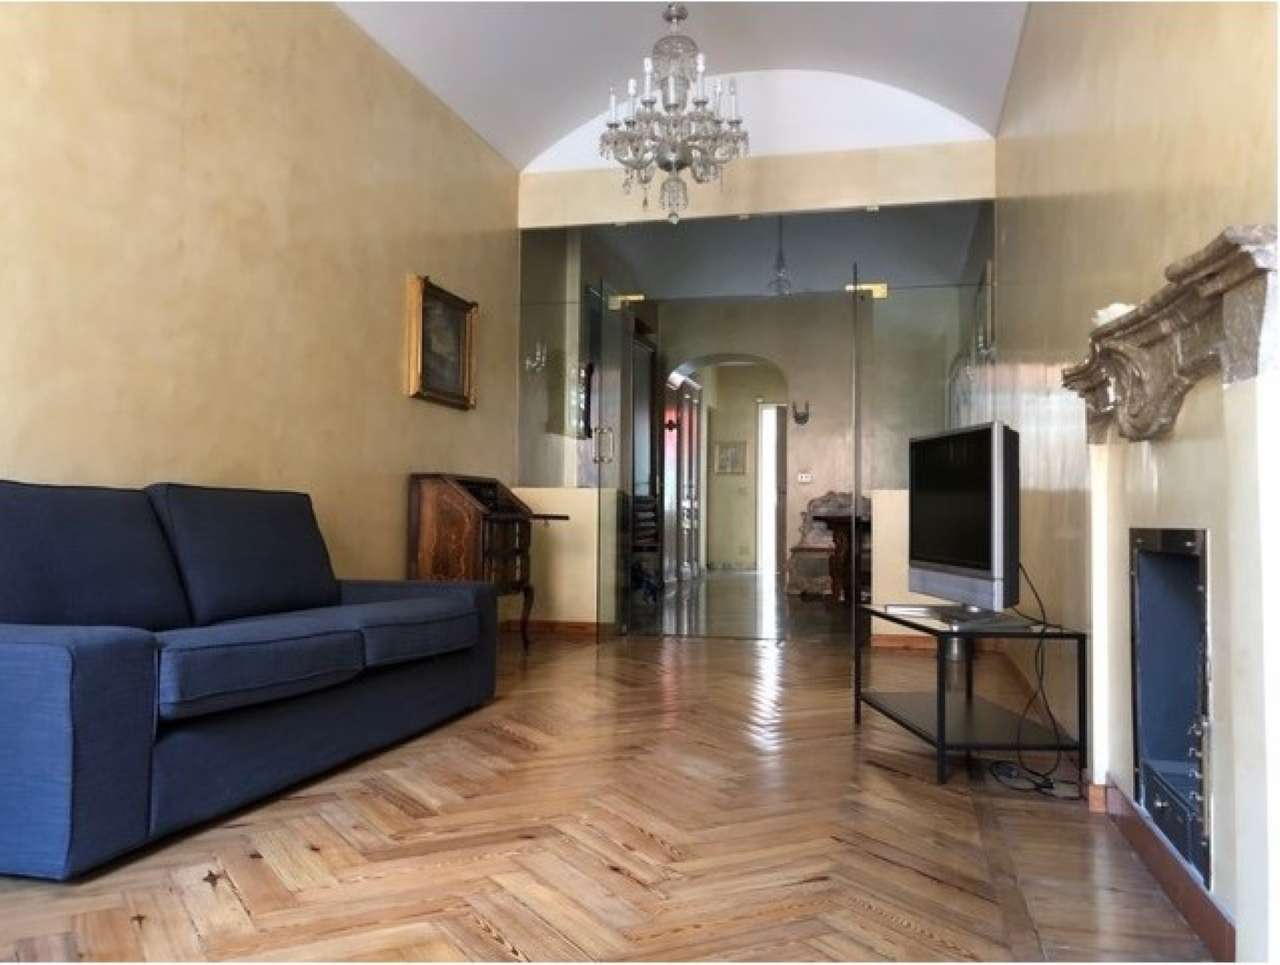 Foto 1 di Appartamento via Pietro Micca 1, Torino (zona Centro)